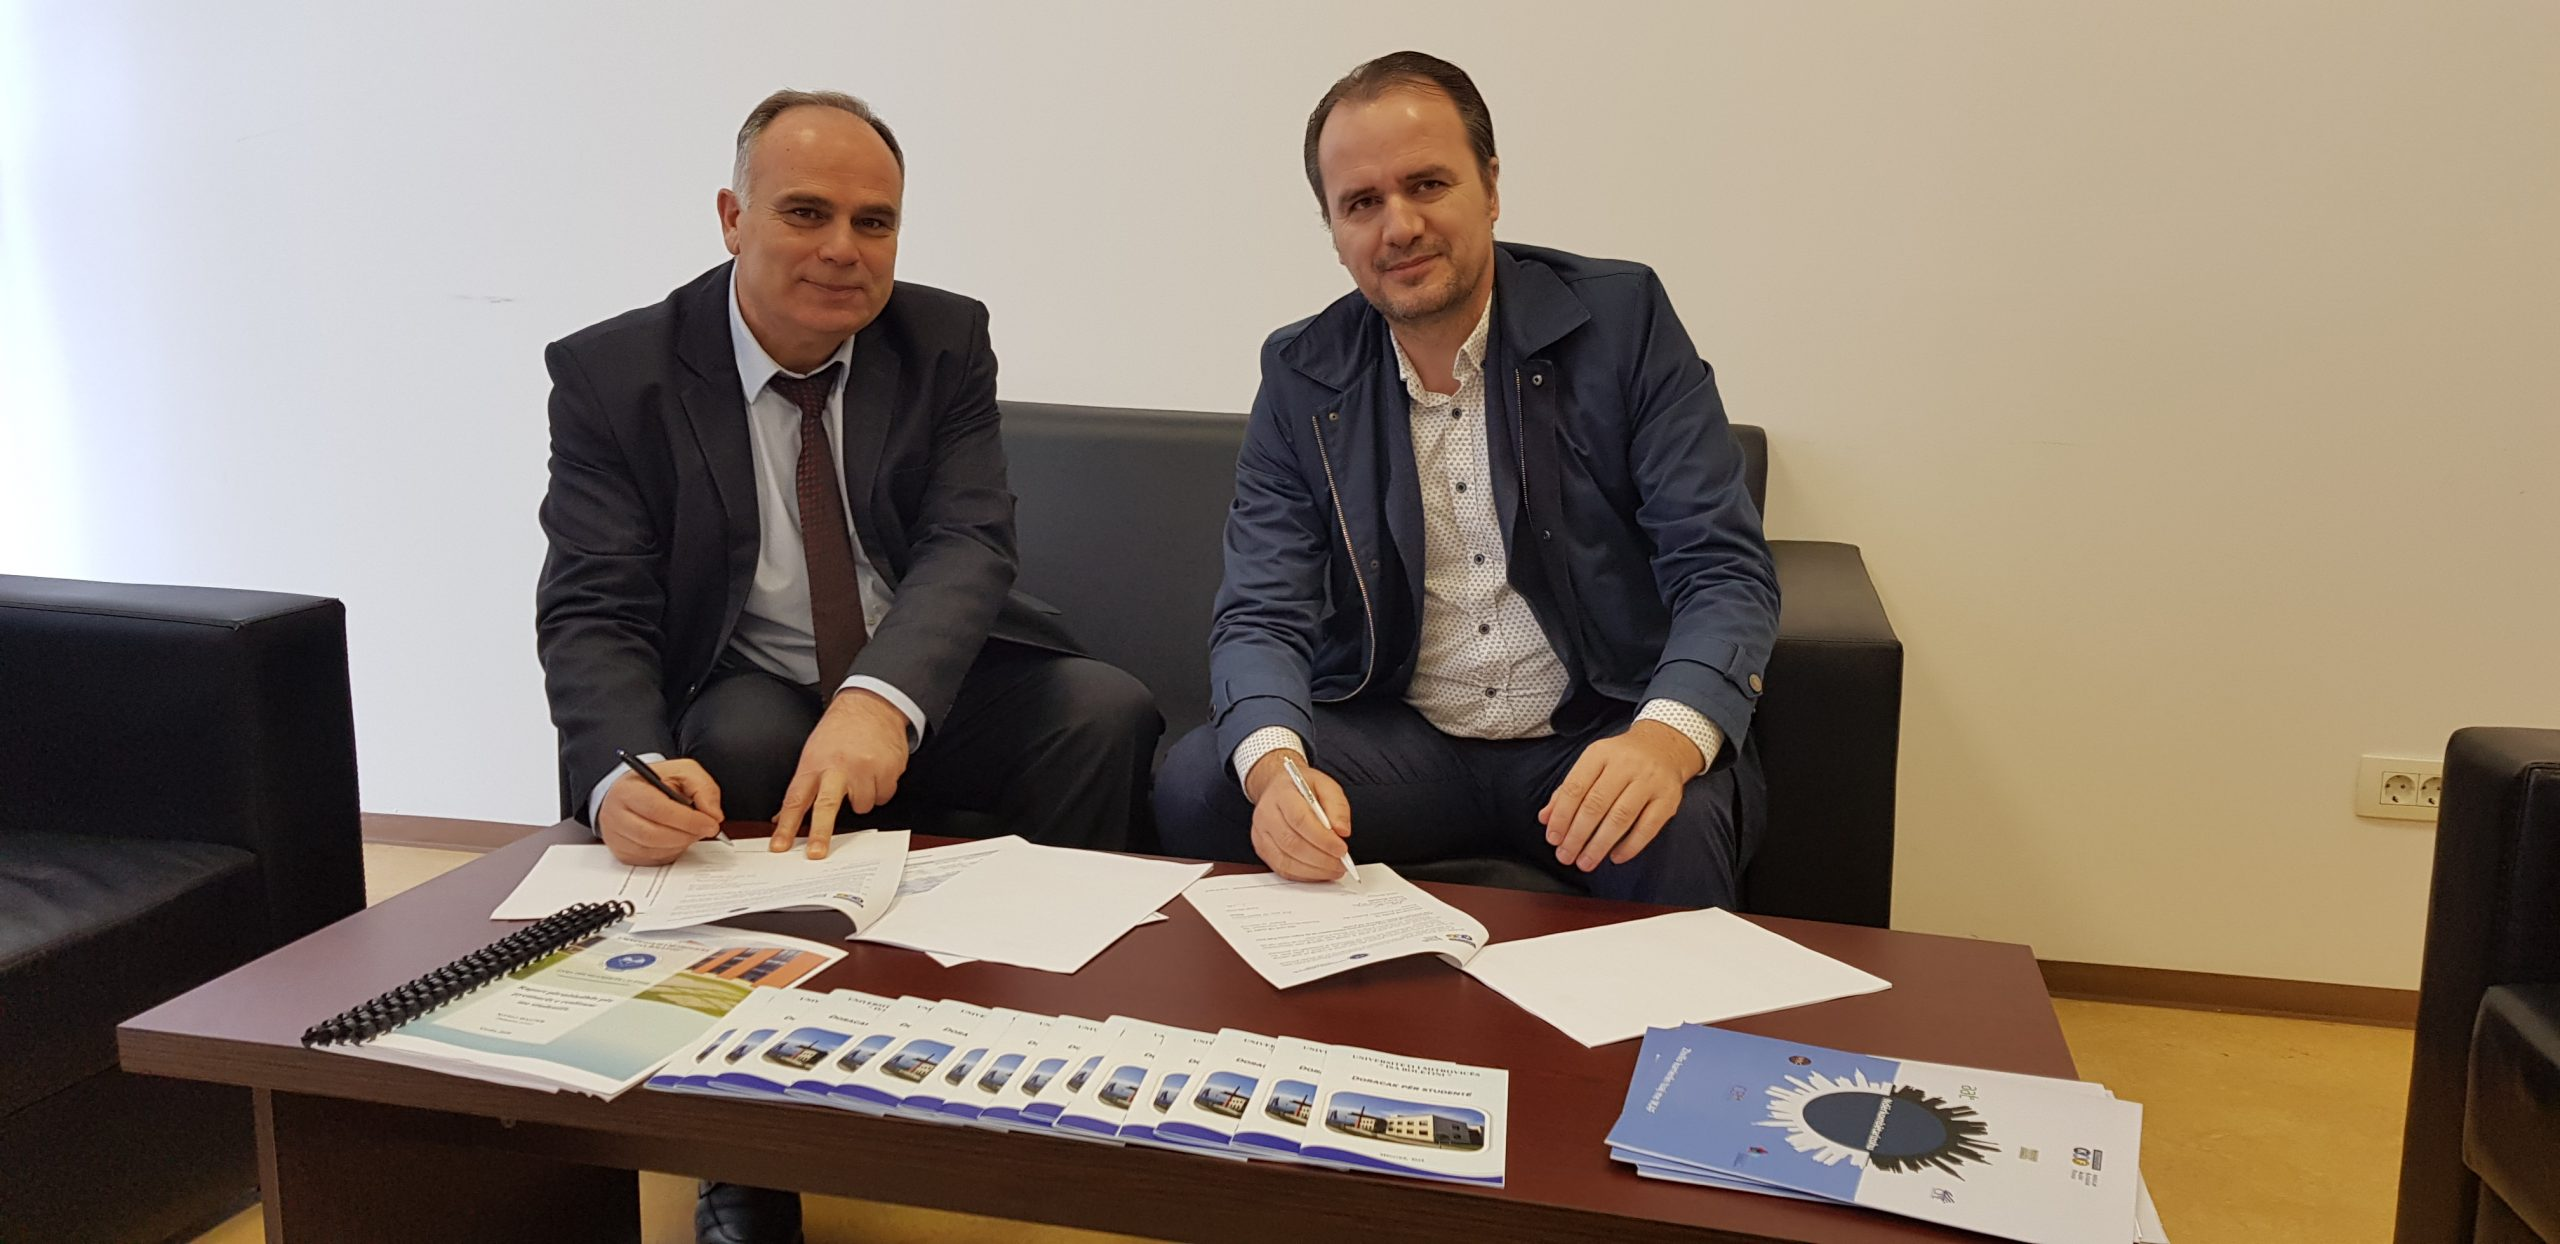 Memorandum bashkëpunimi mes Fakultetit Ekonomik dhe Institutit per Kontabilitet, Auditim dhe Financa (Instituti KAF)